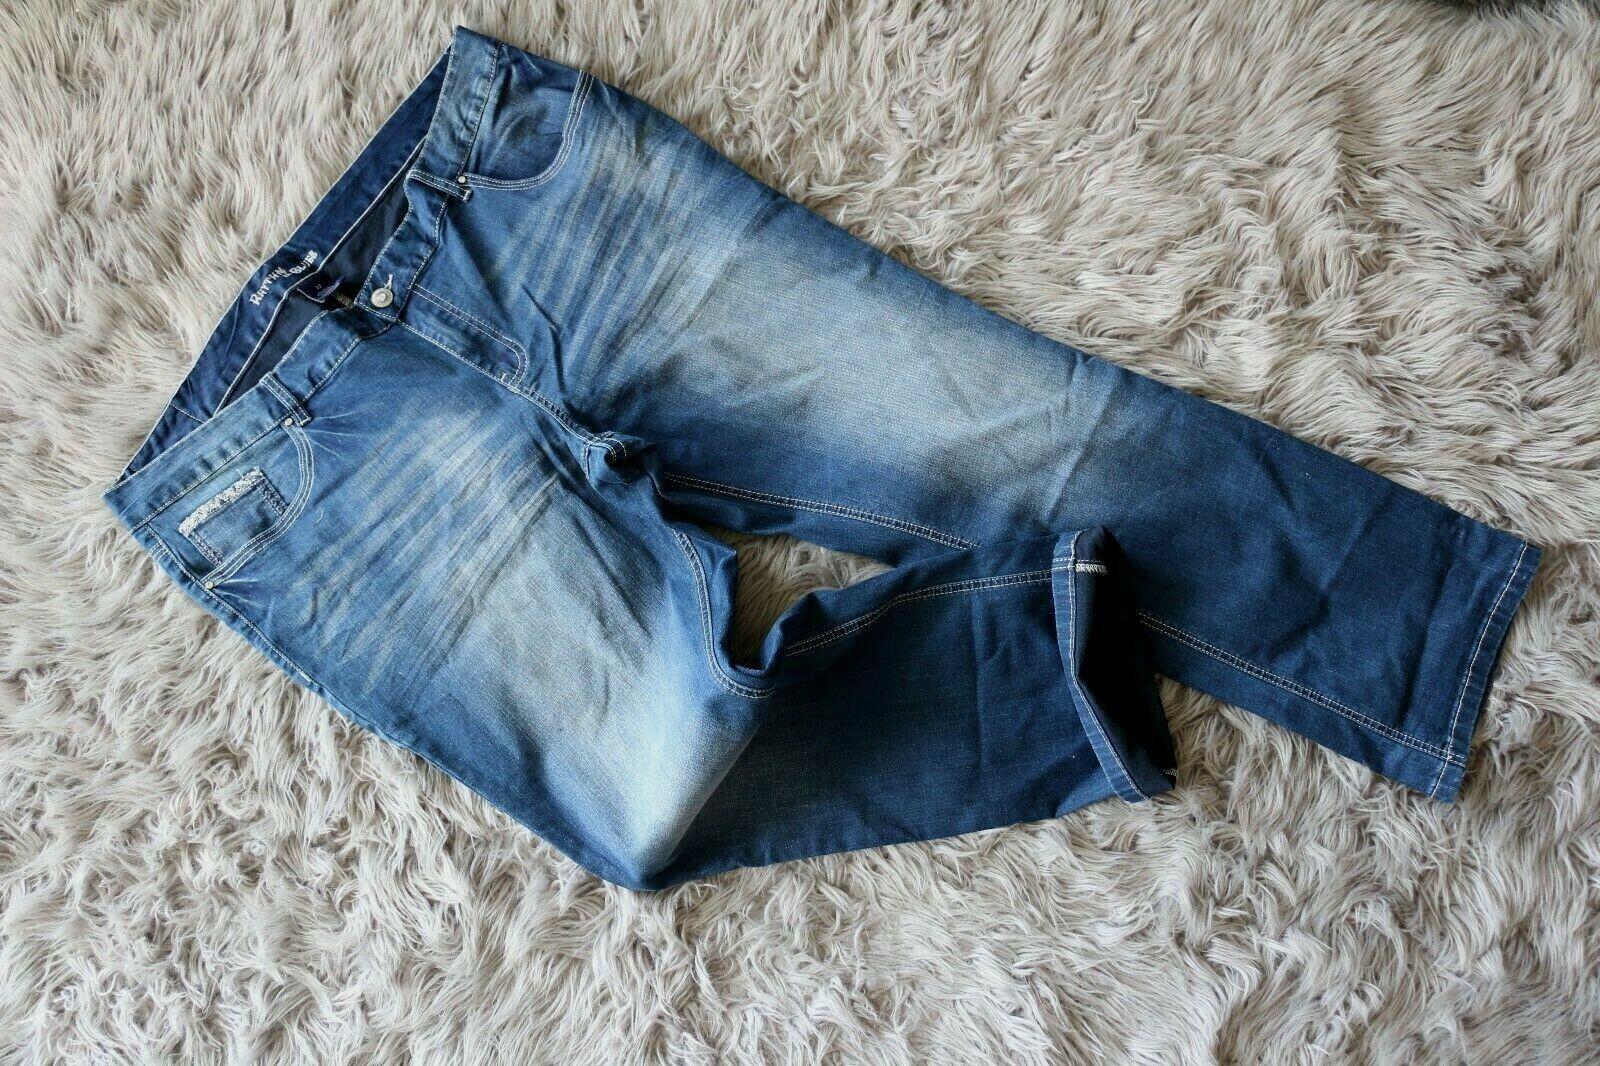 New Rhythm in Blaus damen Jeans Blau Low-Rise Straight W44 _L32  Plus Größe 22 R